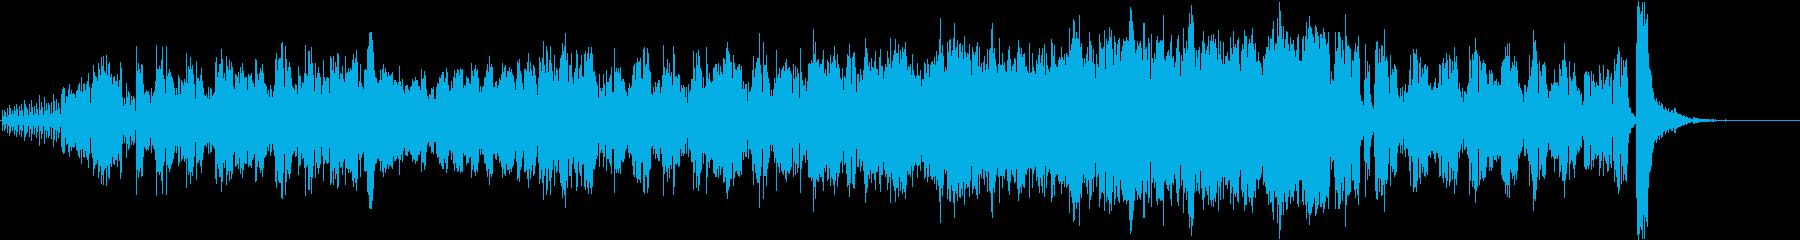 ディズニー風 ワクワクオーケストラBGMの再生済みの波形